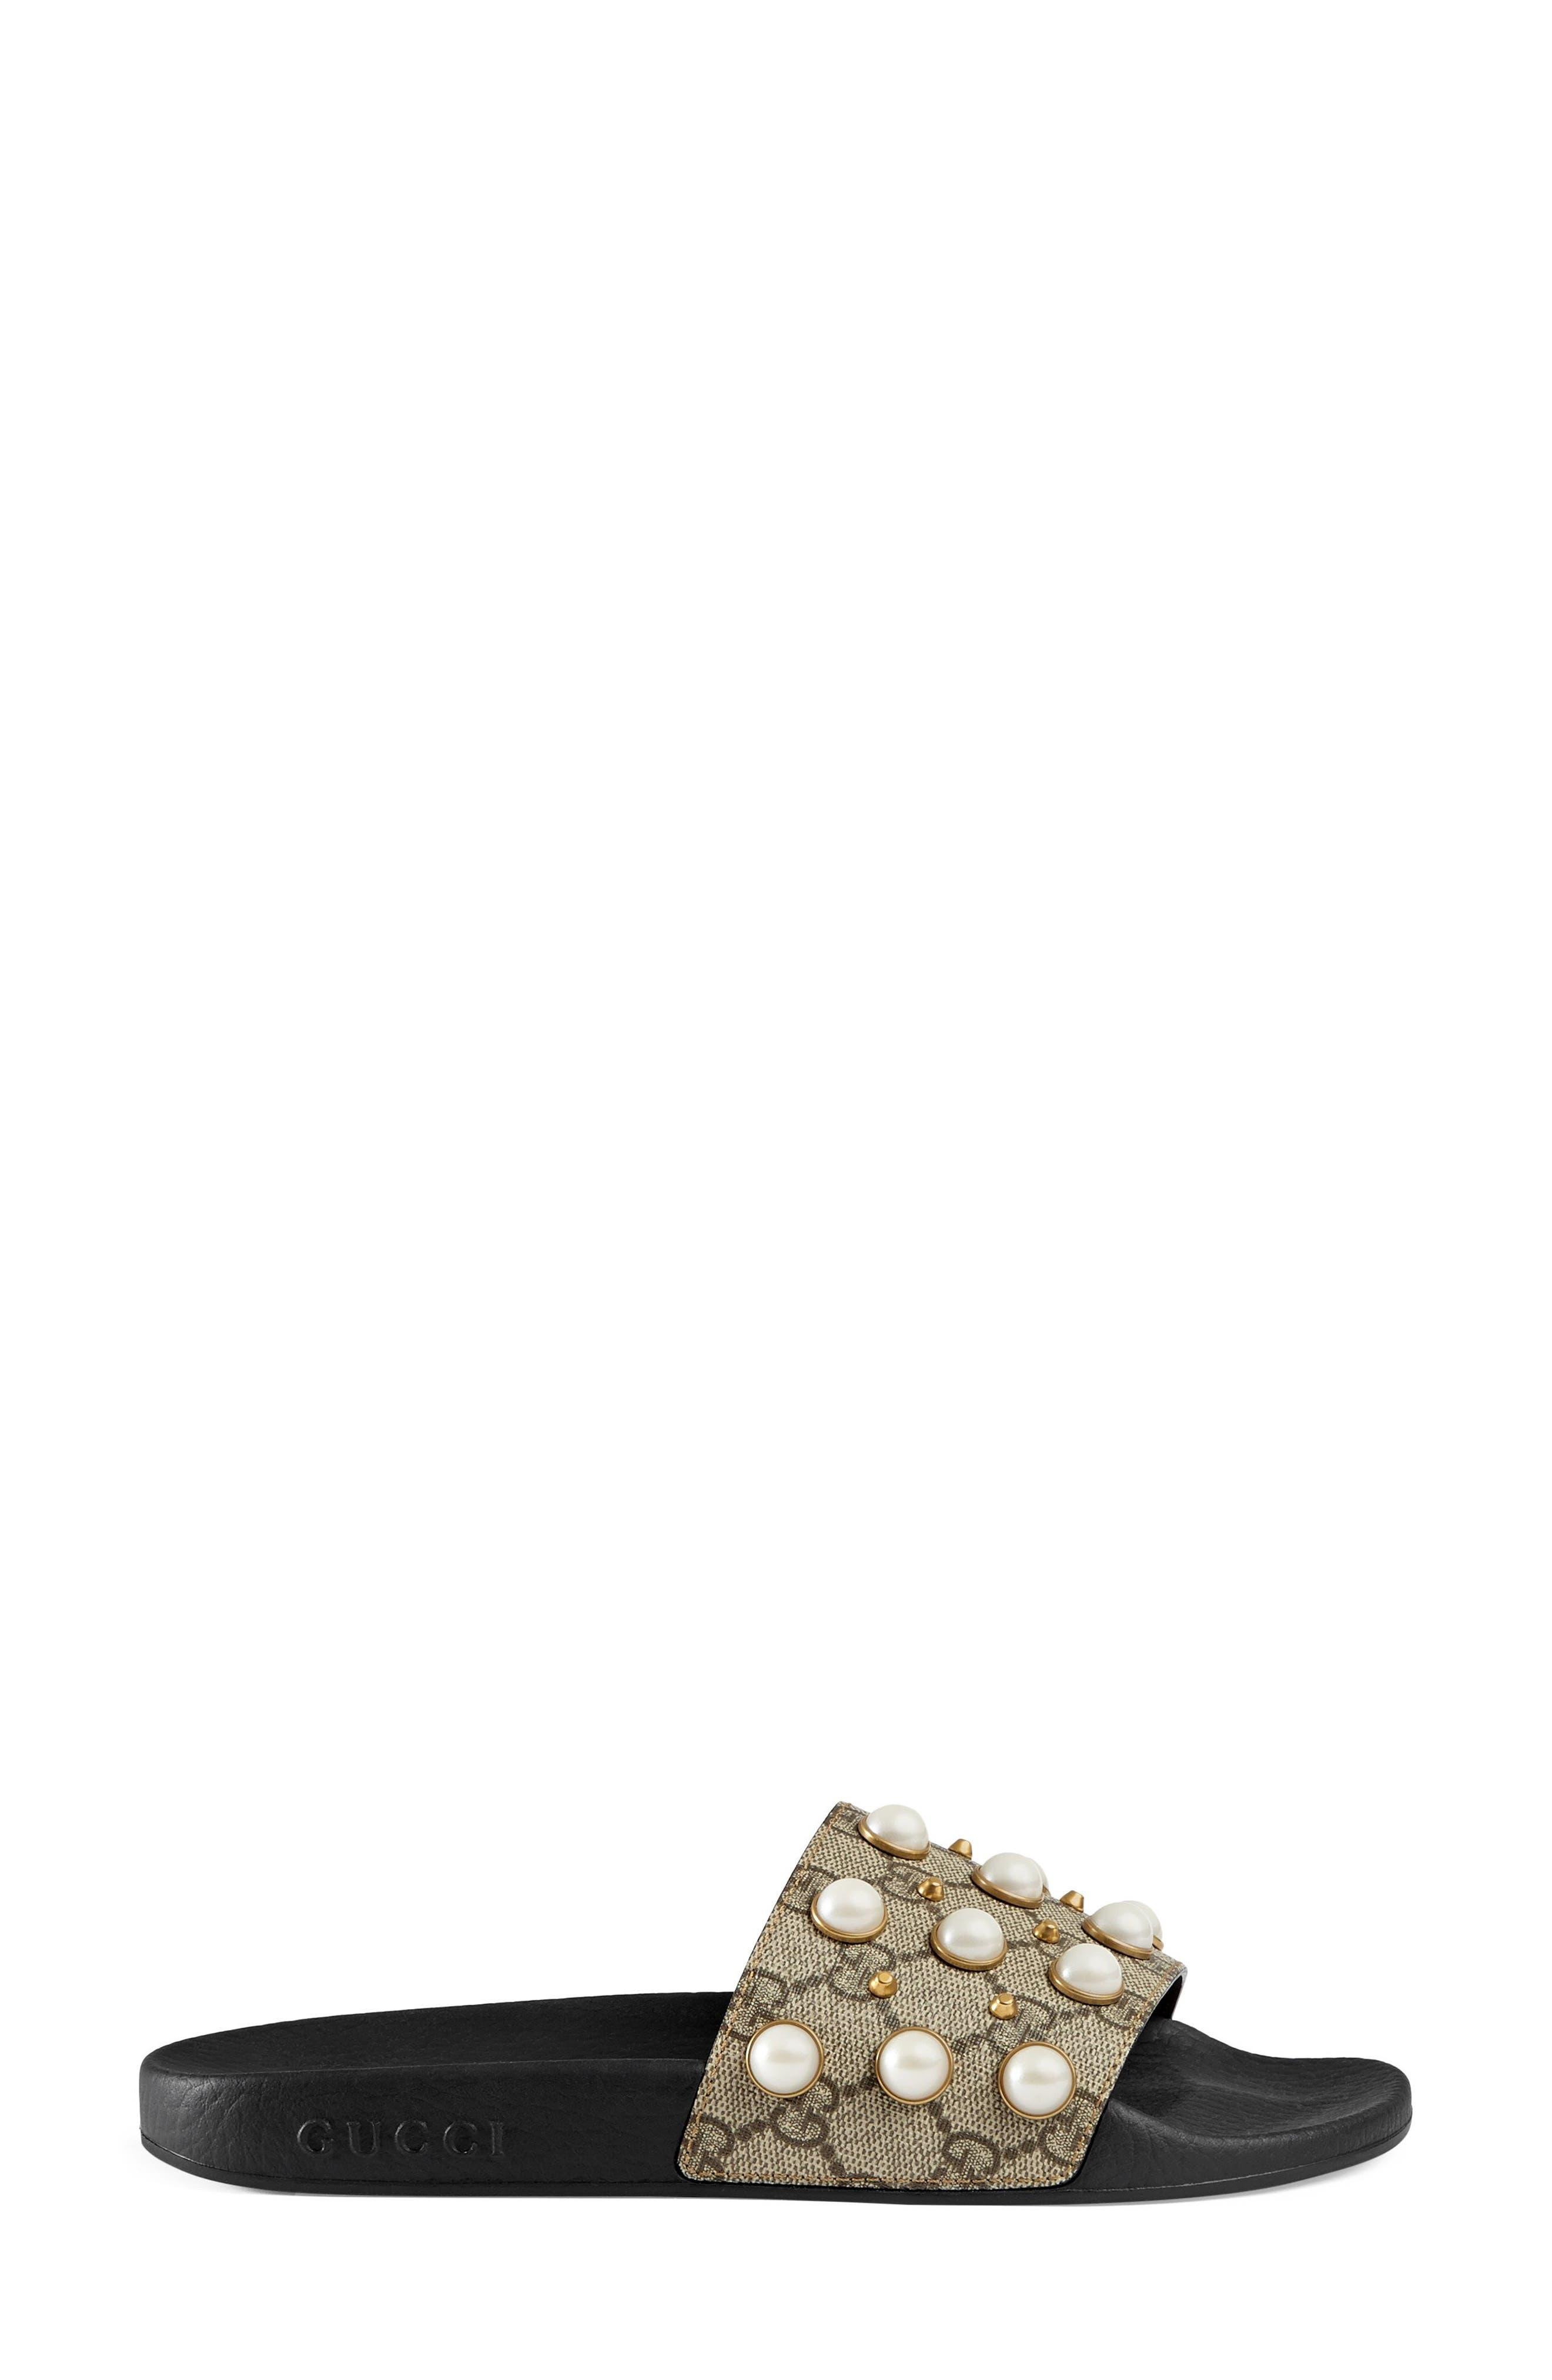 GUCCI Pursuit Imitation Pearl Embellished Slide Sandal, Main, color, BEIGE